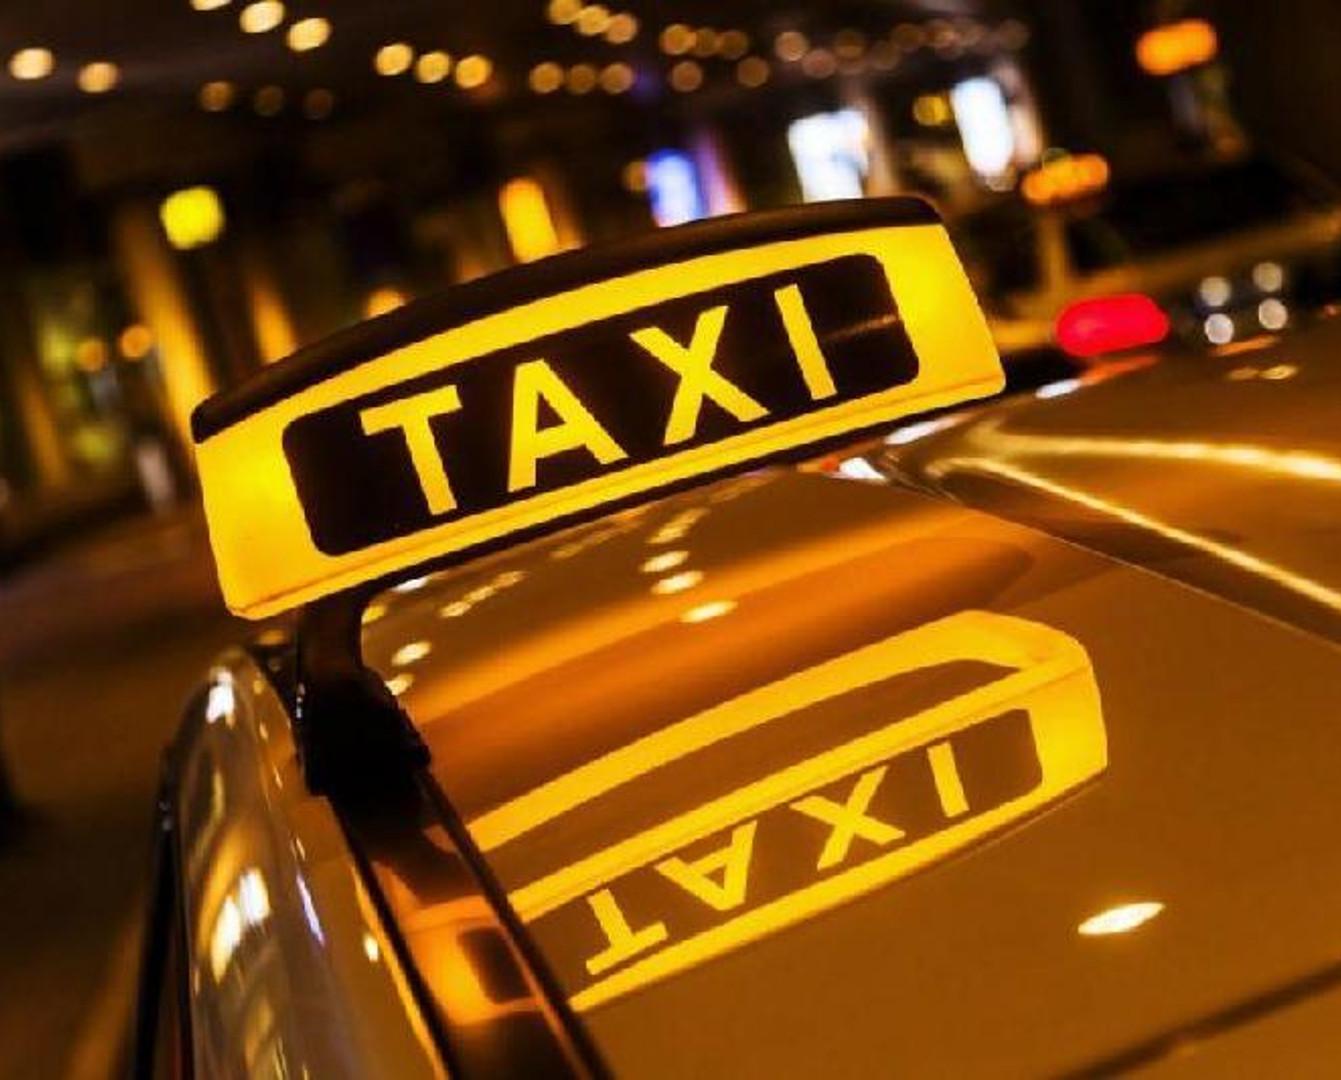 Бүгіннен бастап такси жүргізушілері түбіртек беруге міндетті